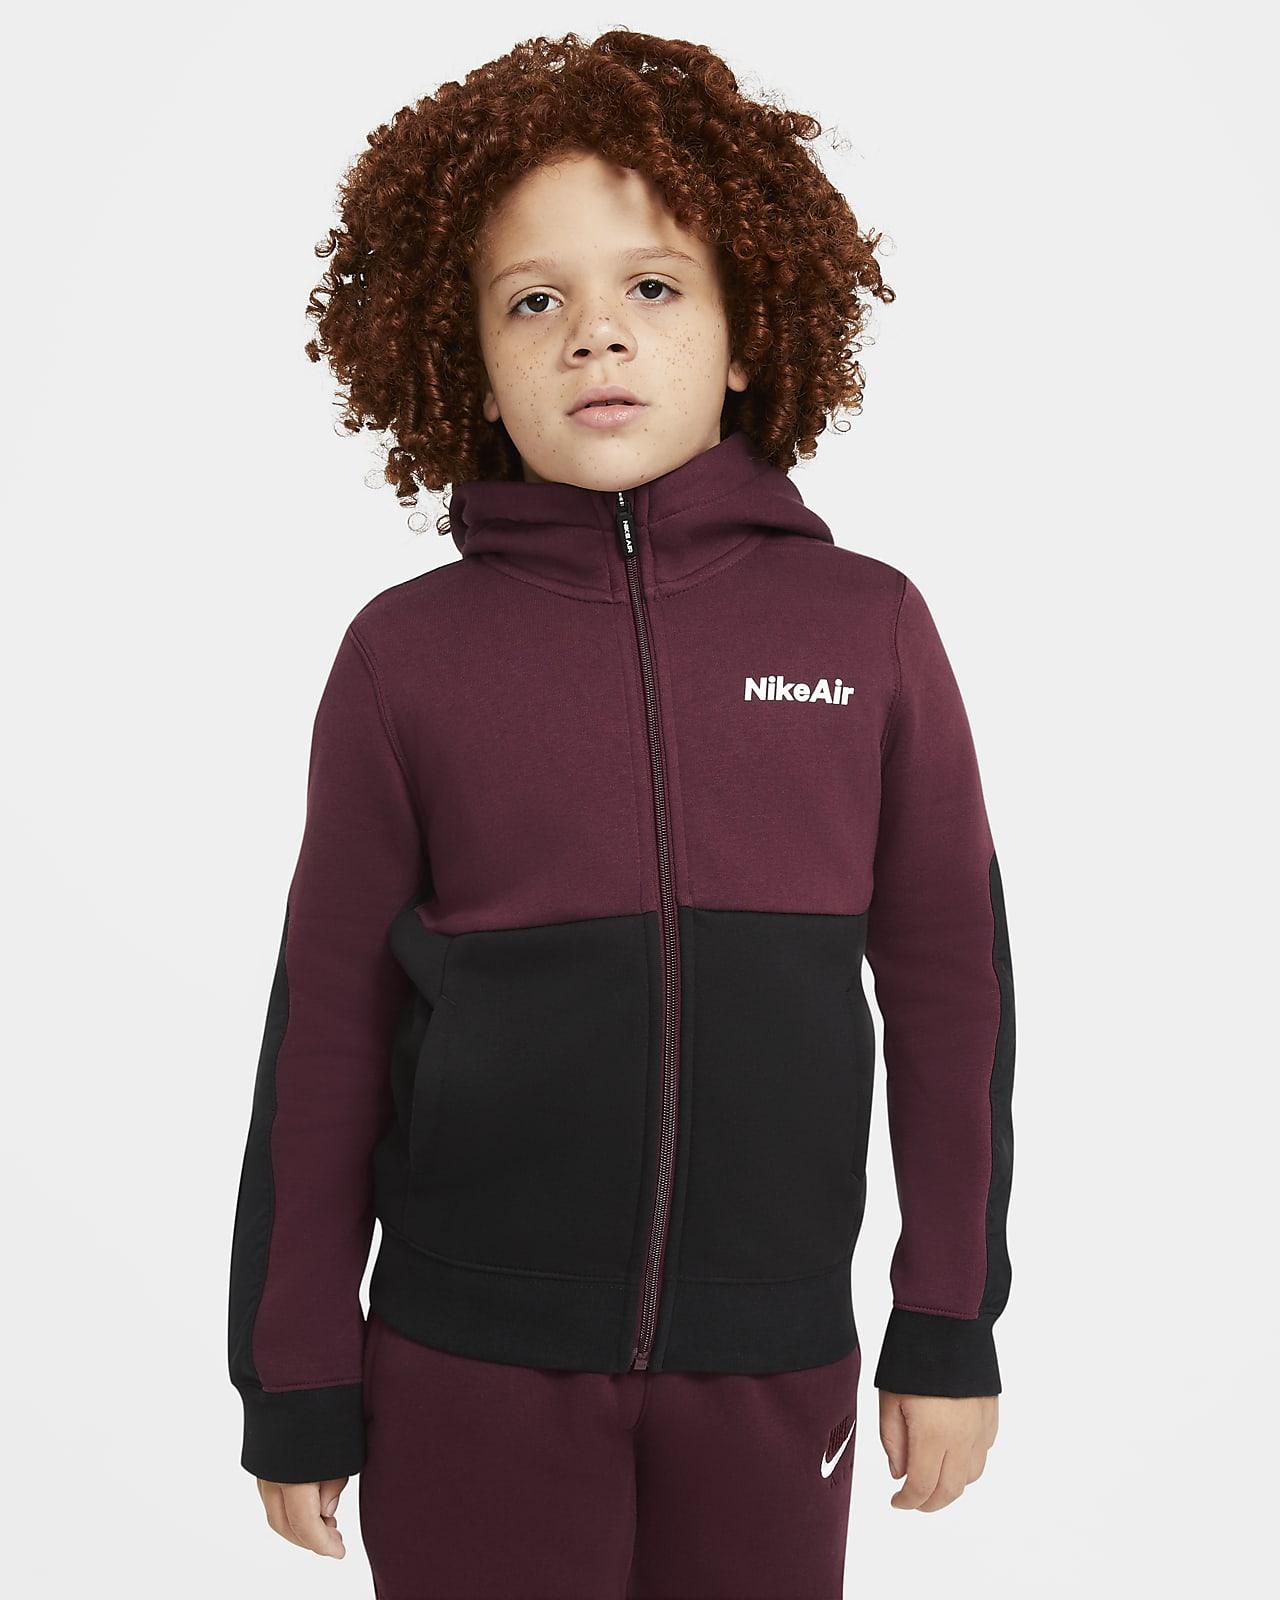 Bluza z kapturem i zamkiem na całej długości dla dużych dzieci (chłopców) Nike Air